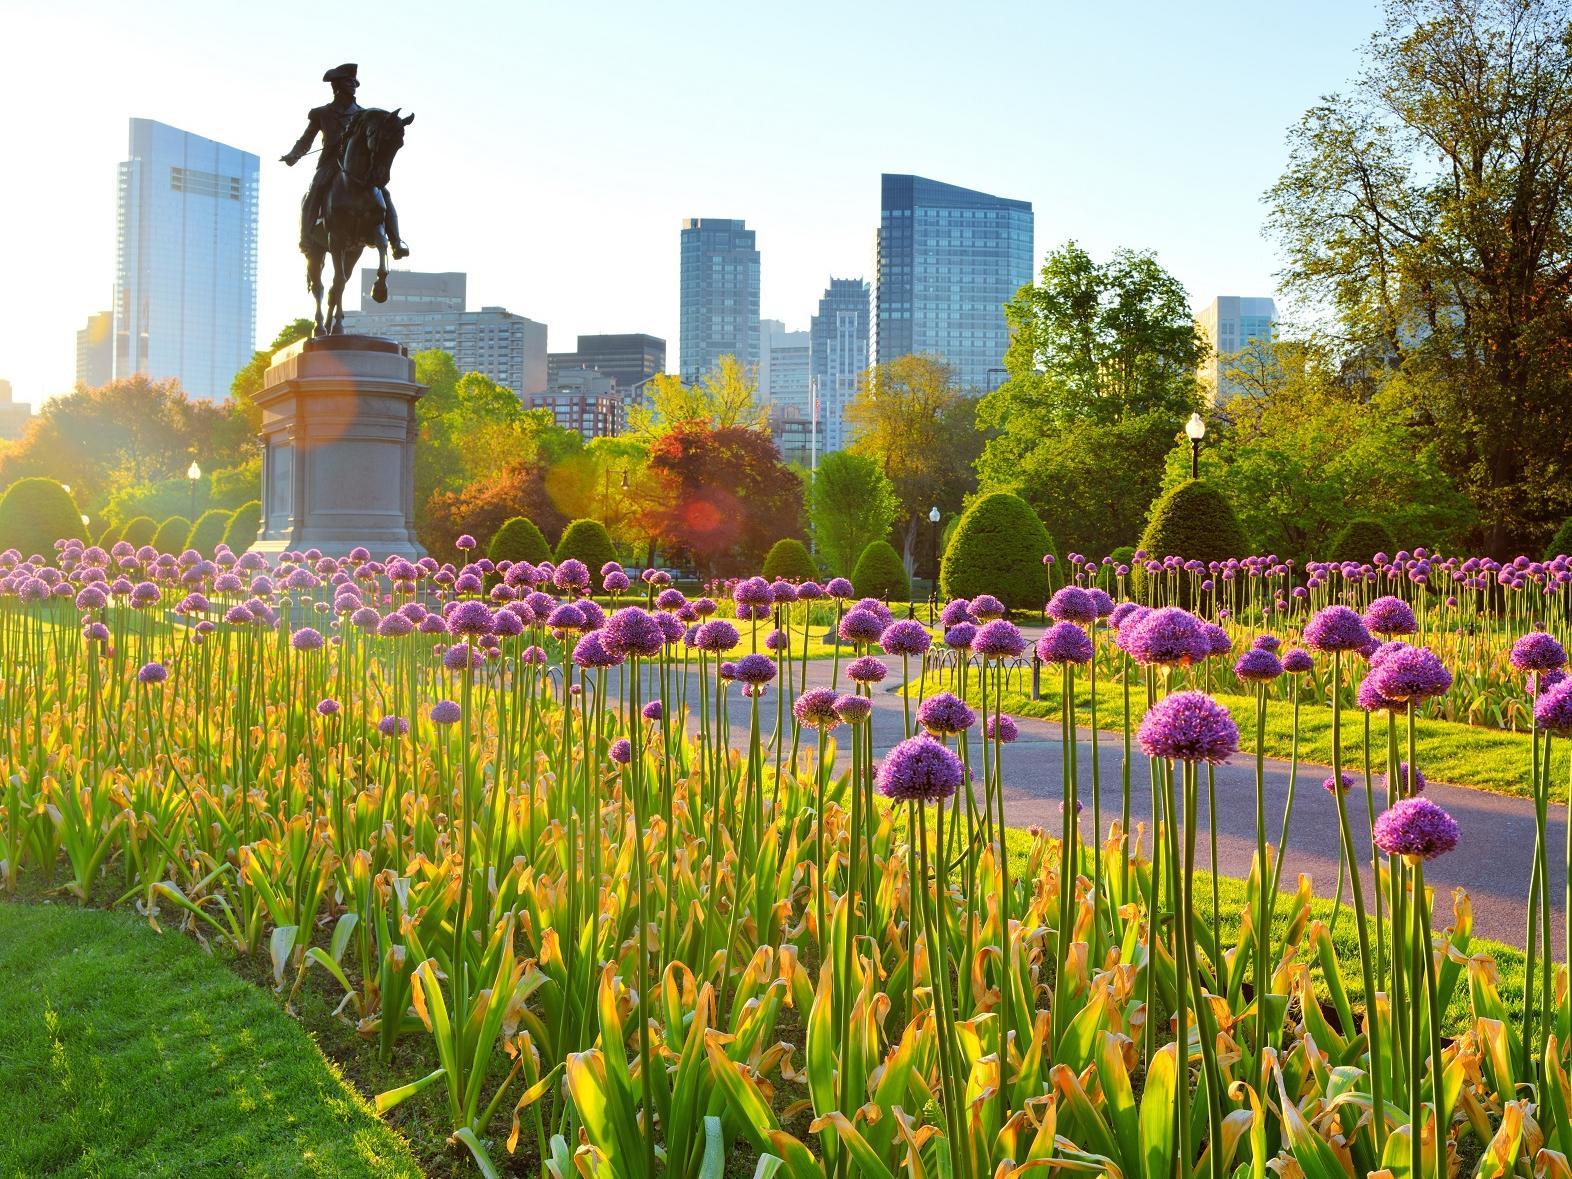 Boston Common in Spring